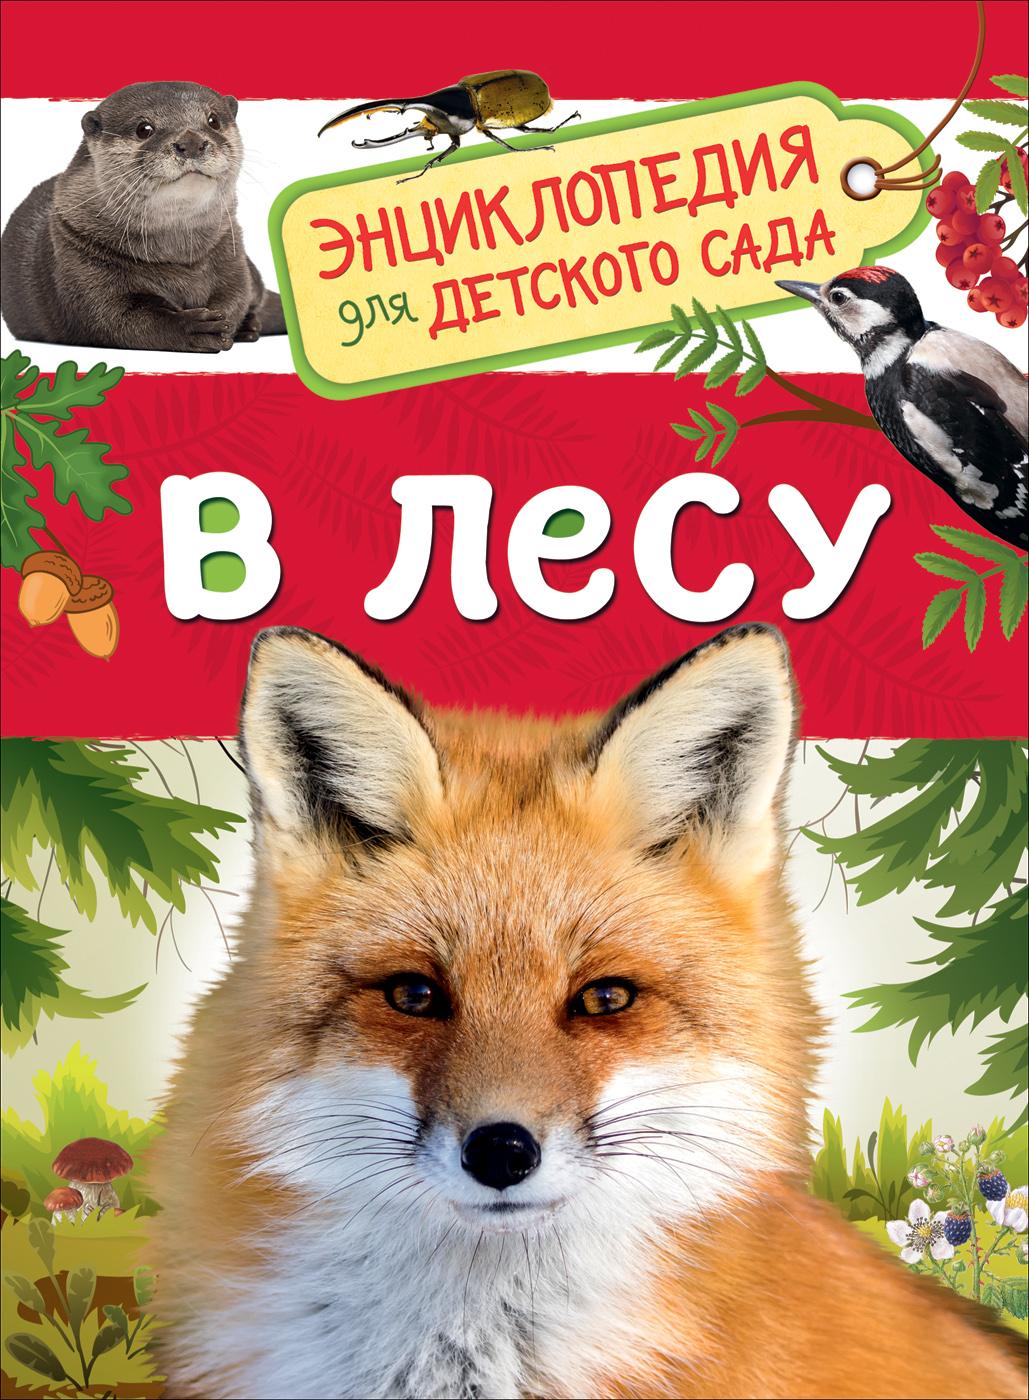 Клюшник Л. В. В лесу (Энциклопедия для детского сада) цена